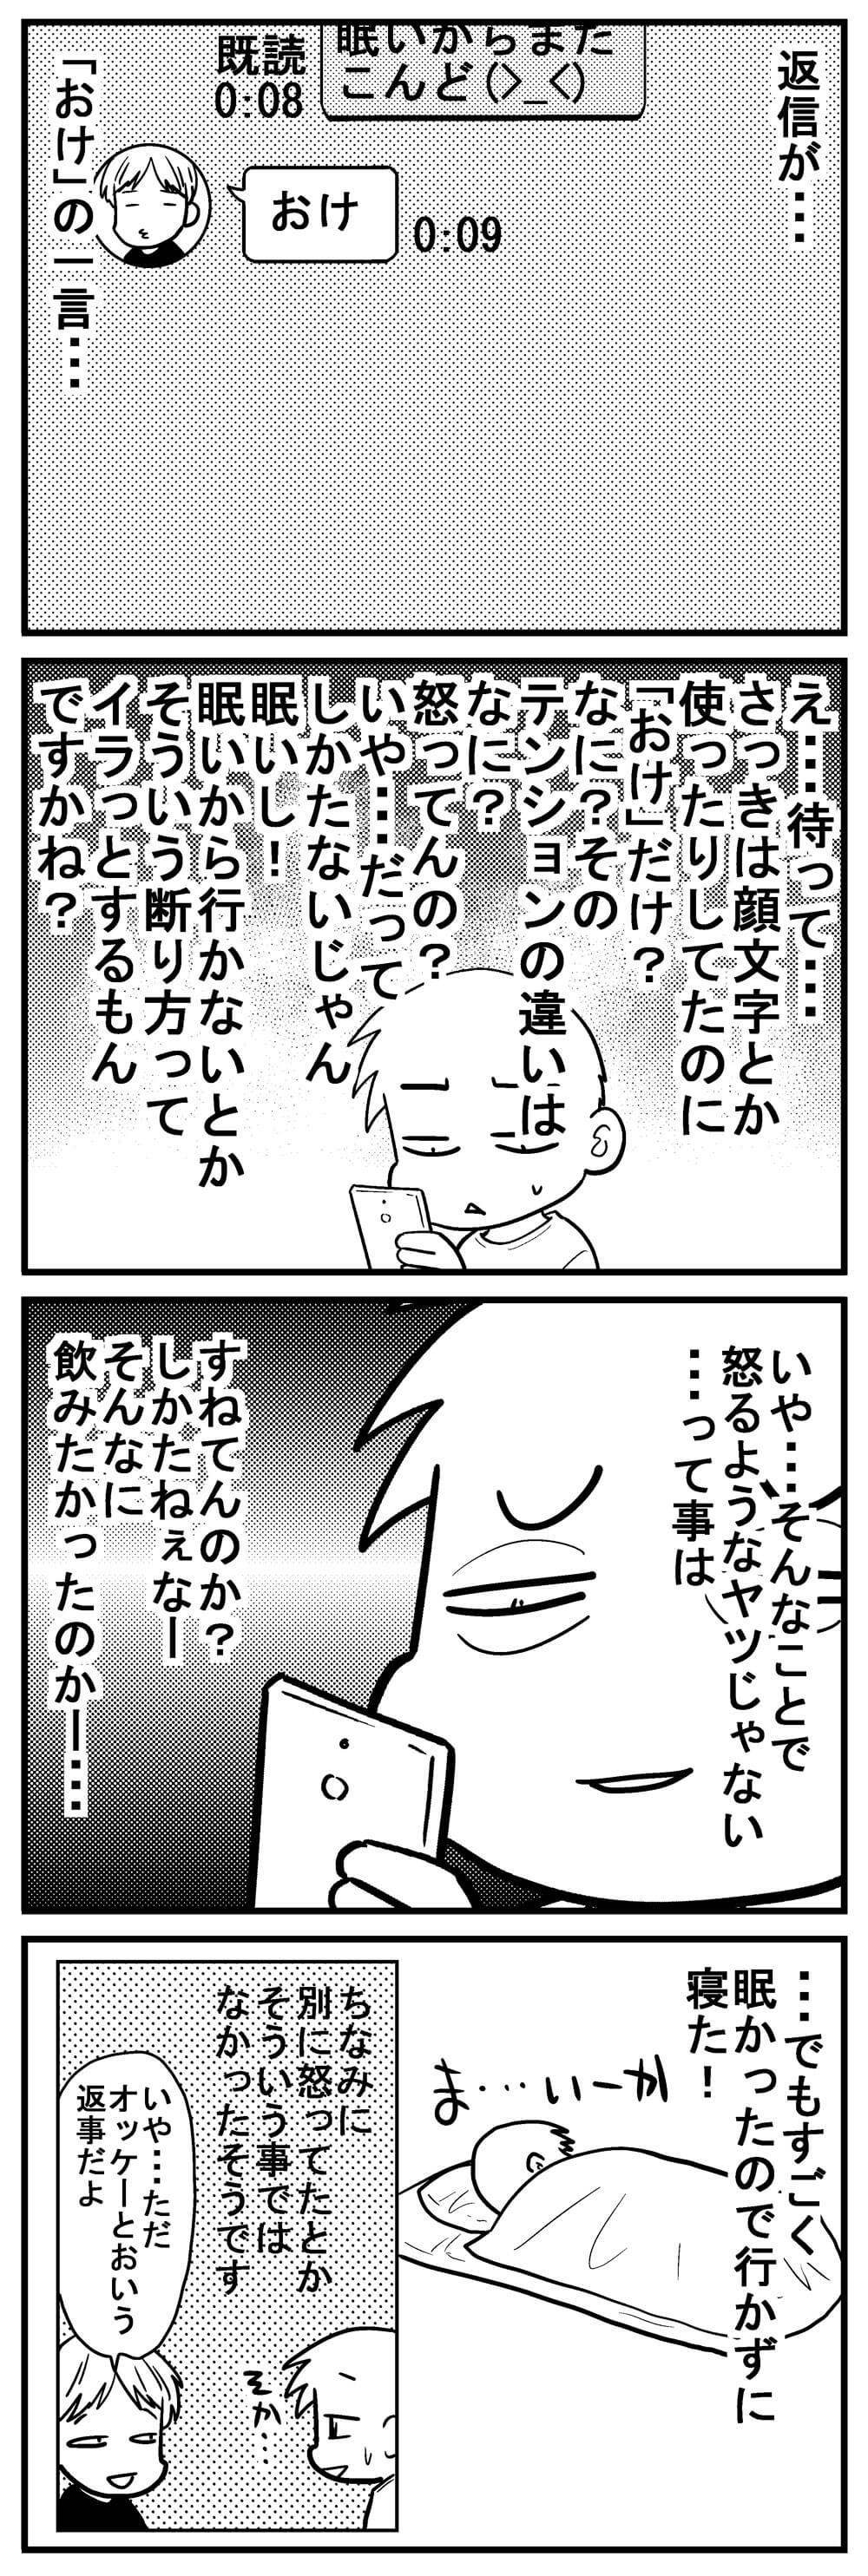 深読みくん158-2